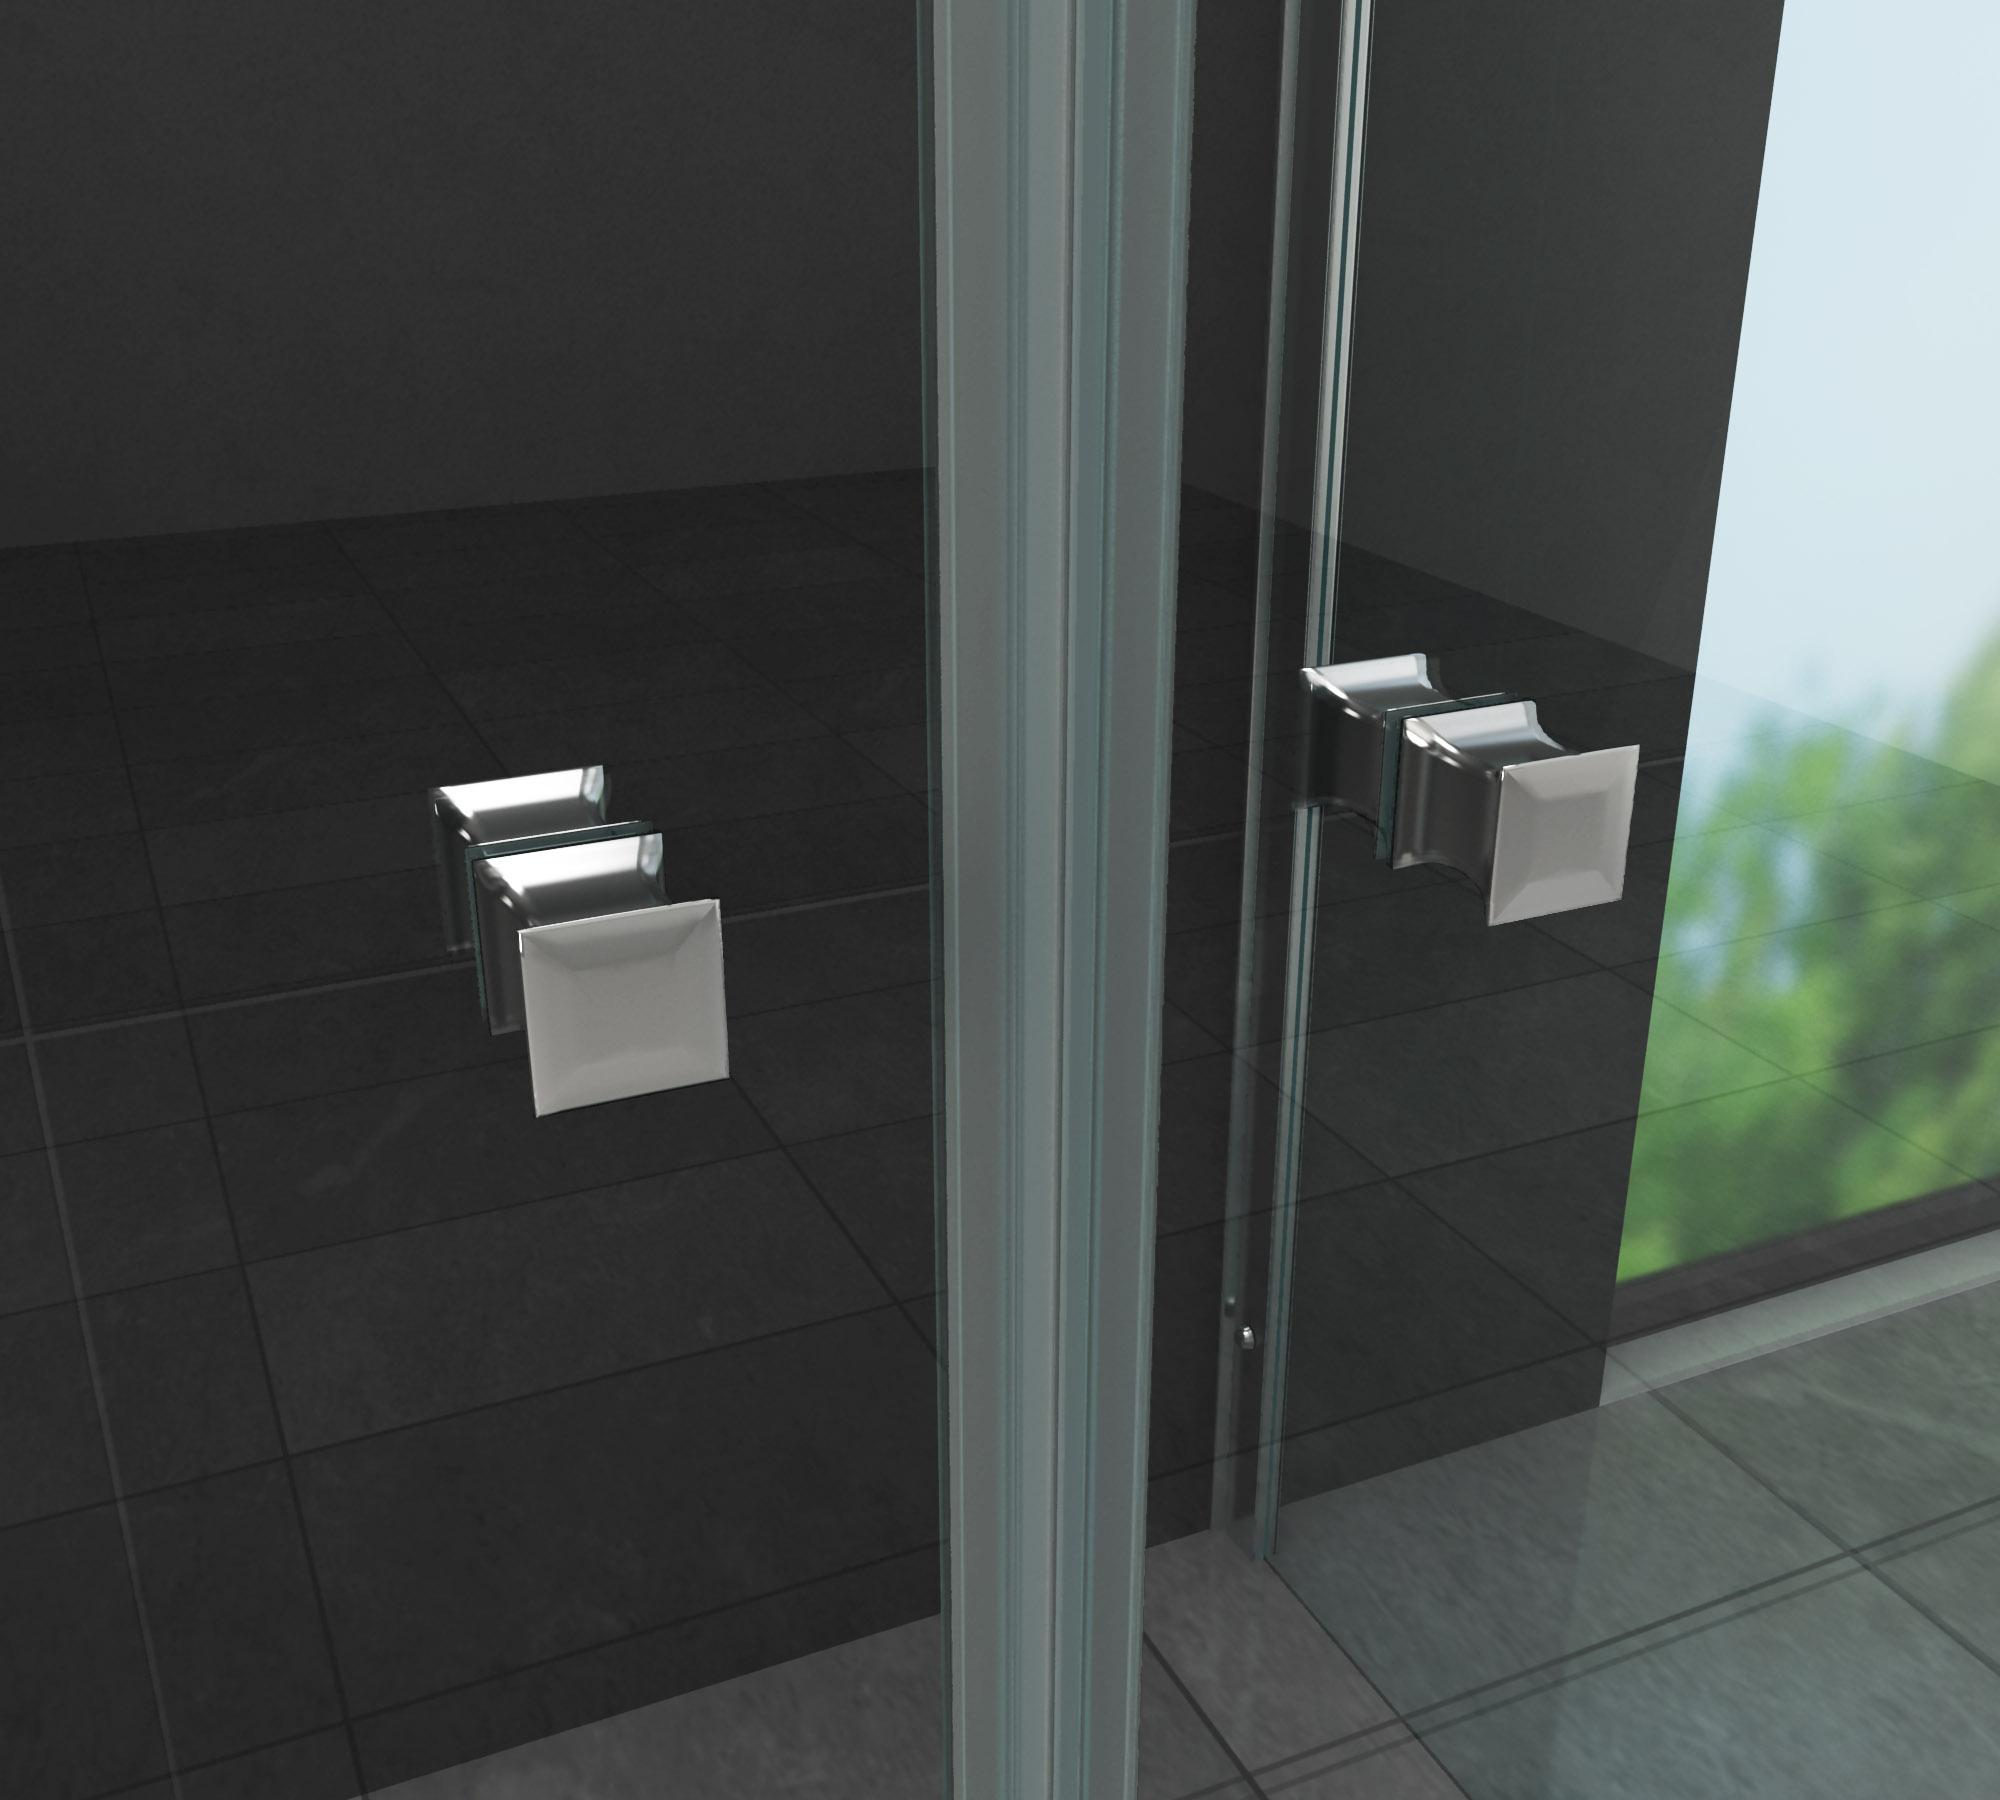 Duschkabine COMUTO 100 x 80 x 195 cm ohne Duschtasse - Glasdeals